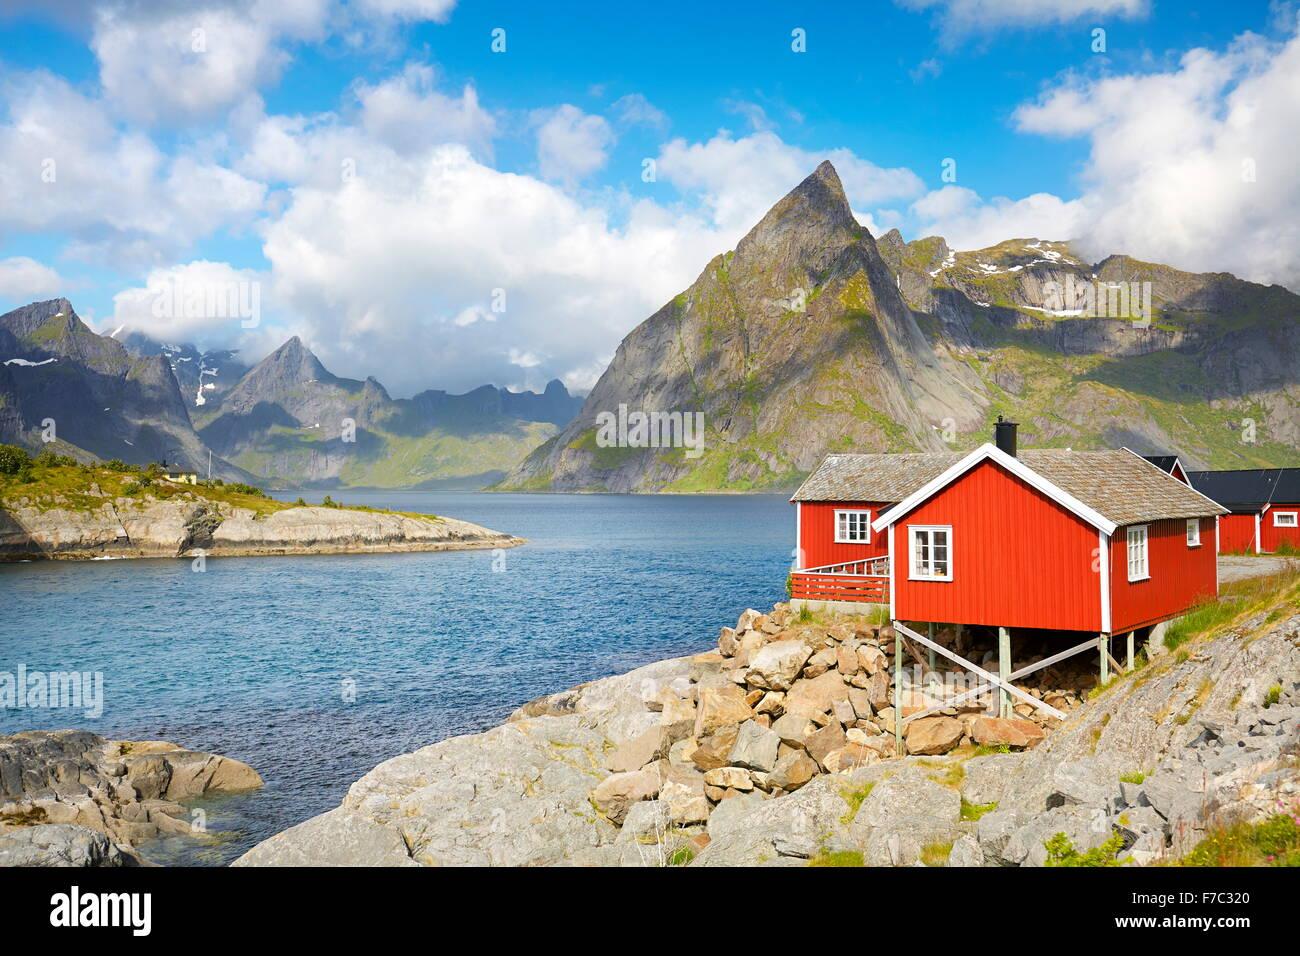 Traditionelle Fischerhaus rote Rorbu, Lofoten Inseln, Norwegen Stockbild